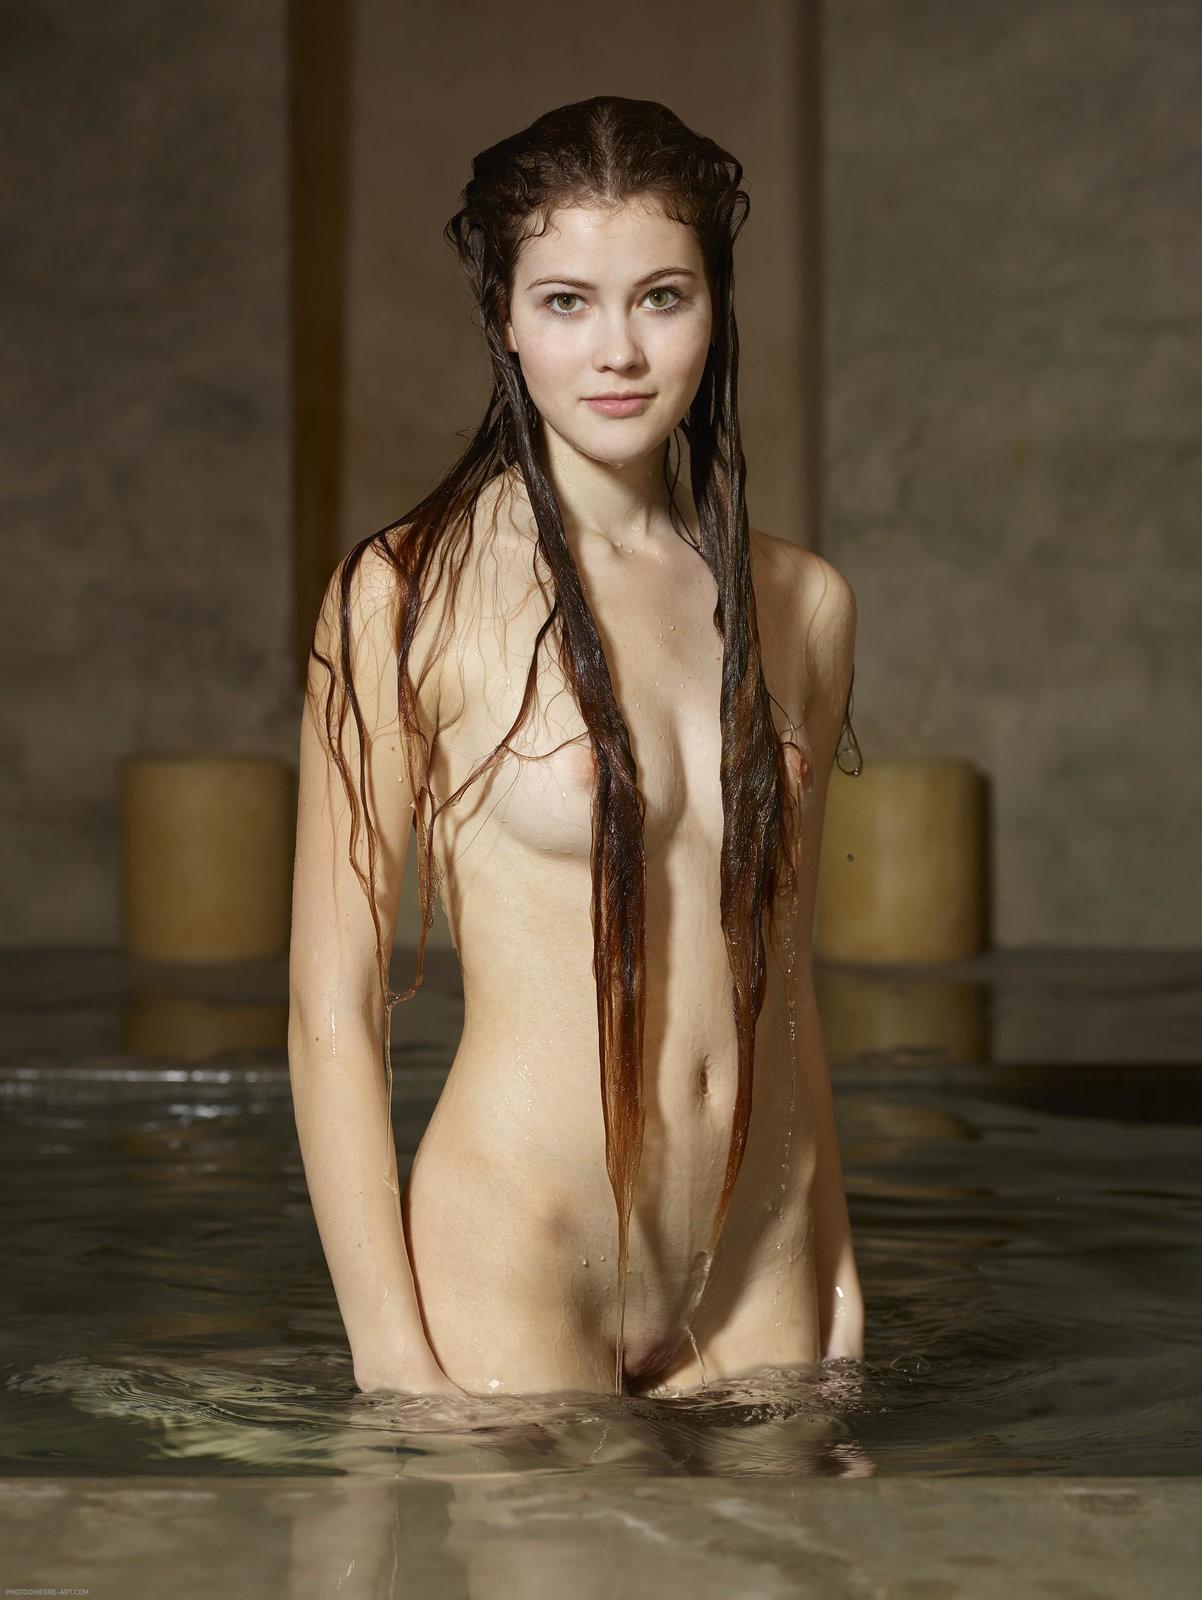 Мокрая девушка в бассейне без купальника - фото